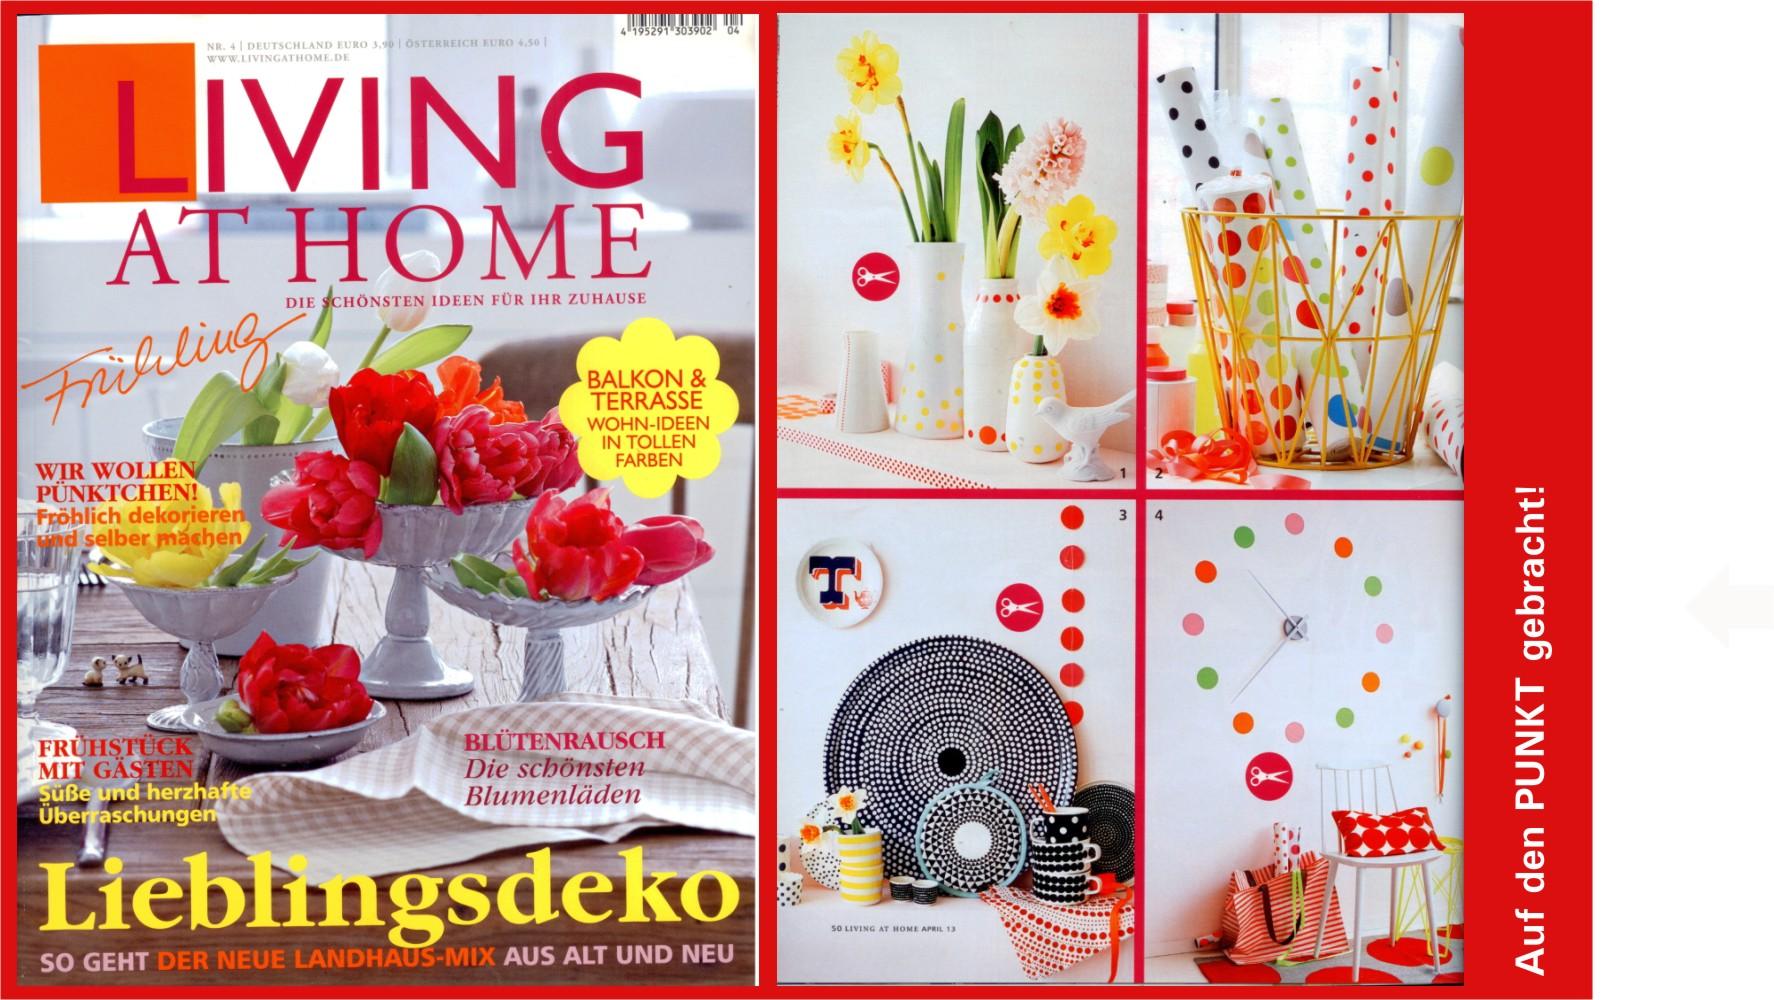 Living at home berichtet über den Salon